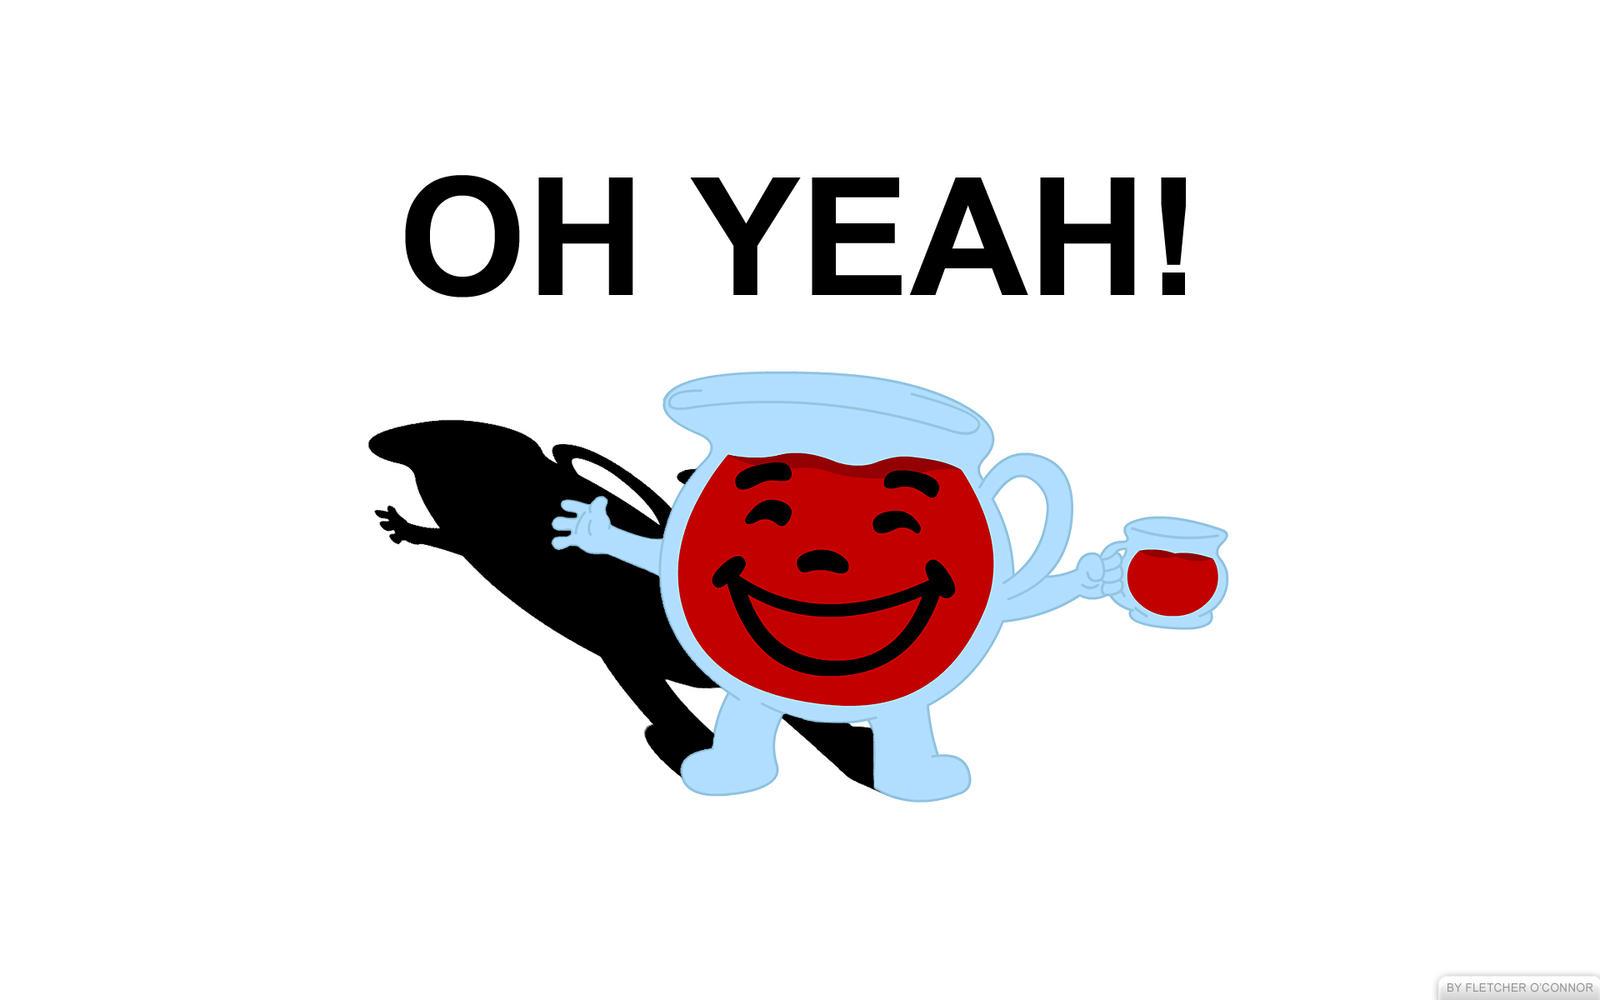 Kool-Aid Man: Oh Yeah! by Mrfletch1000 on DeviantArt